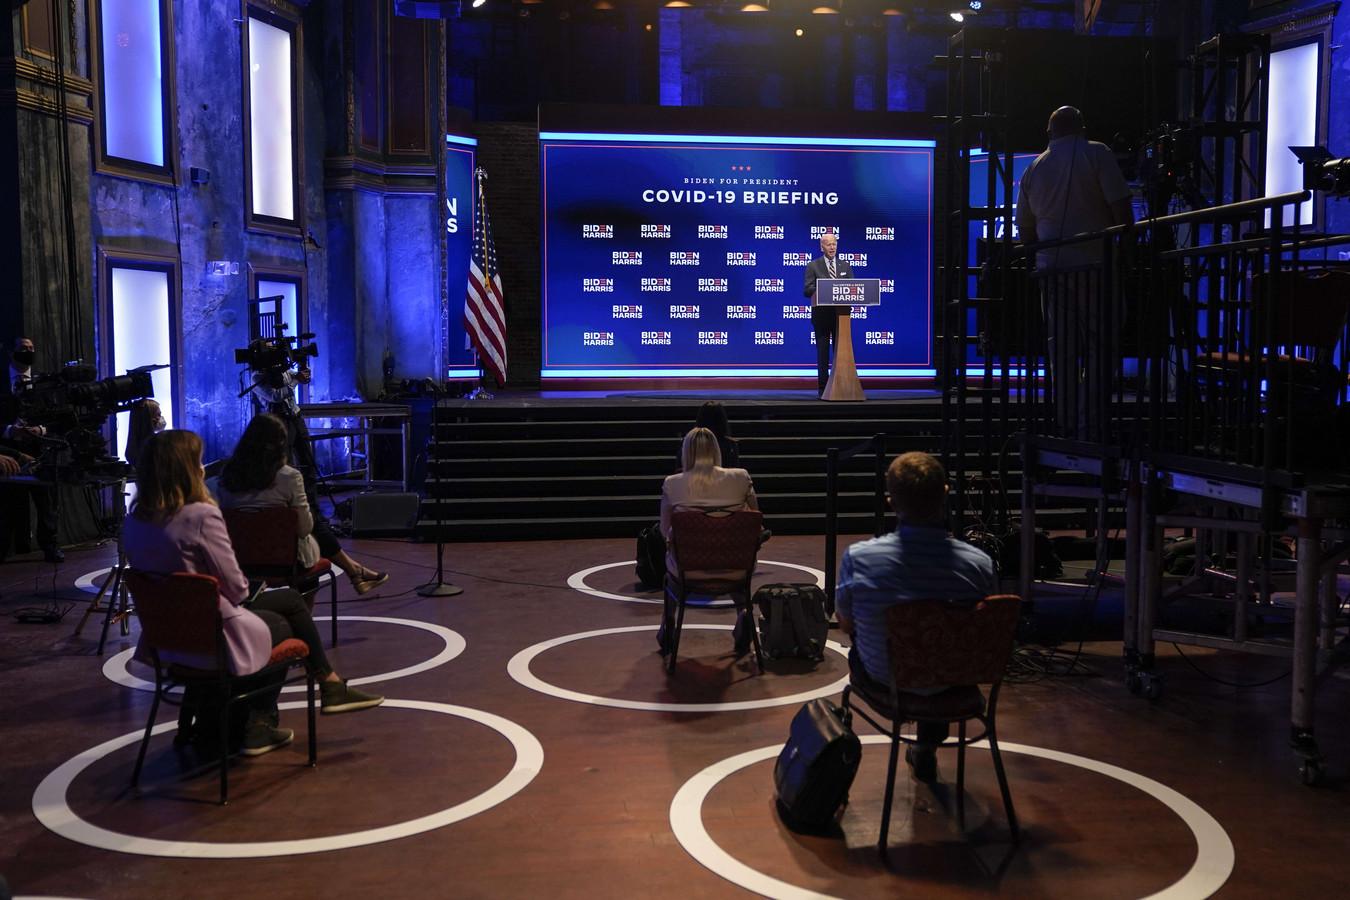 Tijdens de toespraak van Biden in Wilmington moesten de aanwezige journalisten zich aan sociale afstandsregels houden. (16/09/2020)